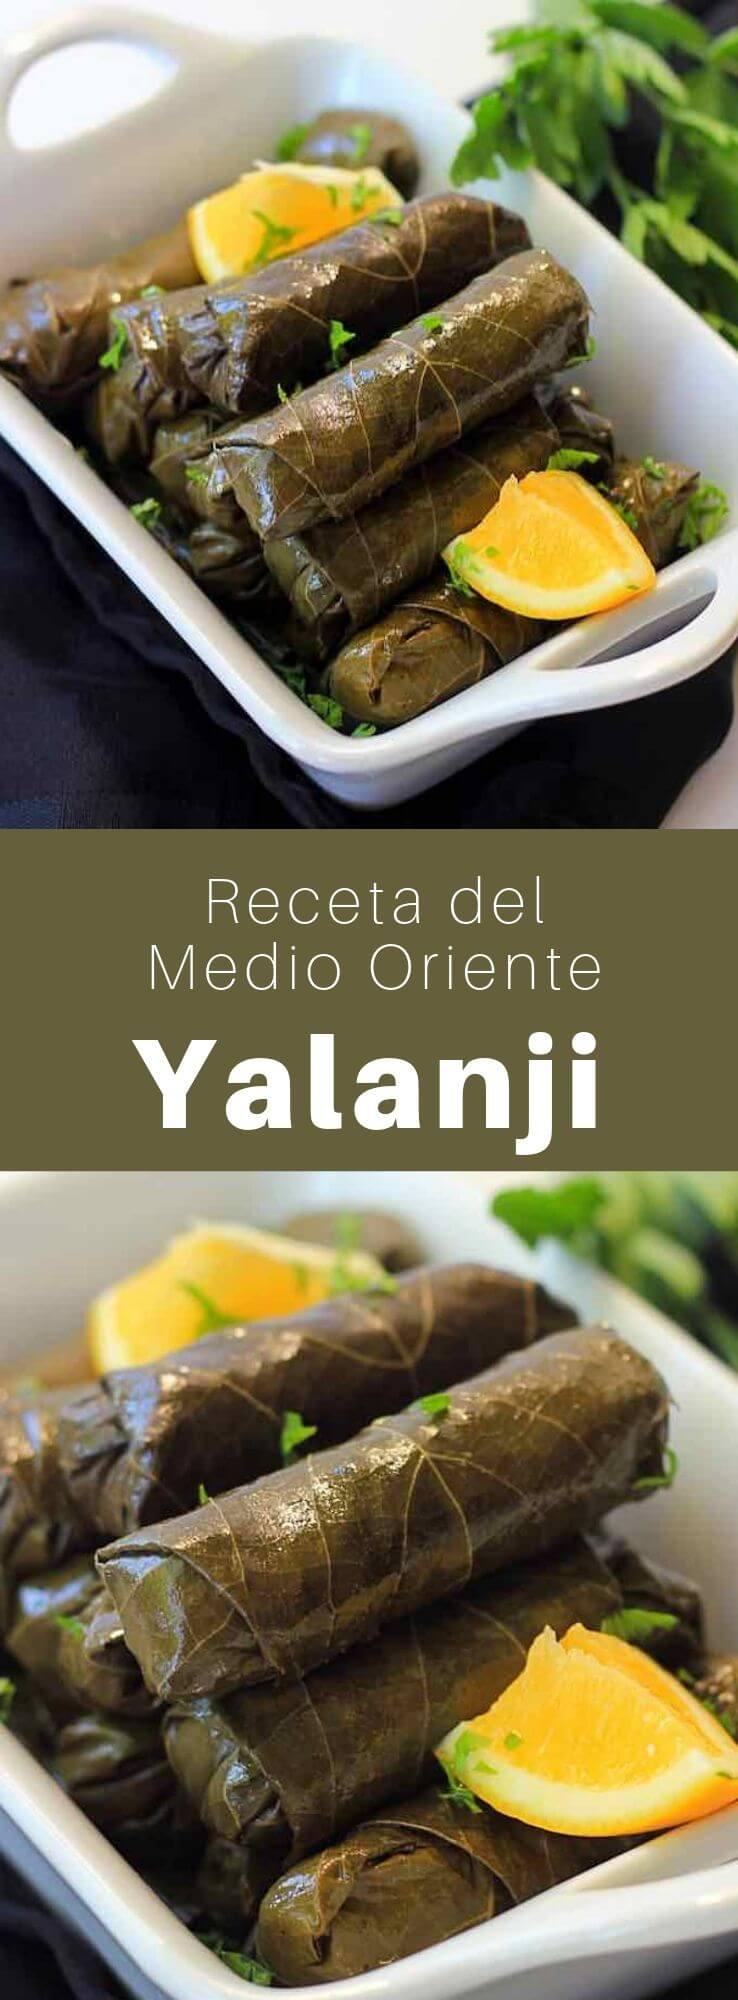 El yalanji es una receta vegetariana siria tradicional hecha de hojas de parra rellenas de arroz, verduras y hierbas.